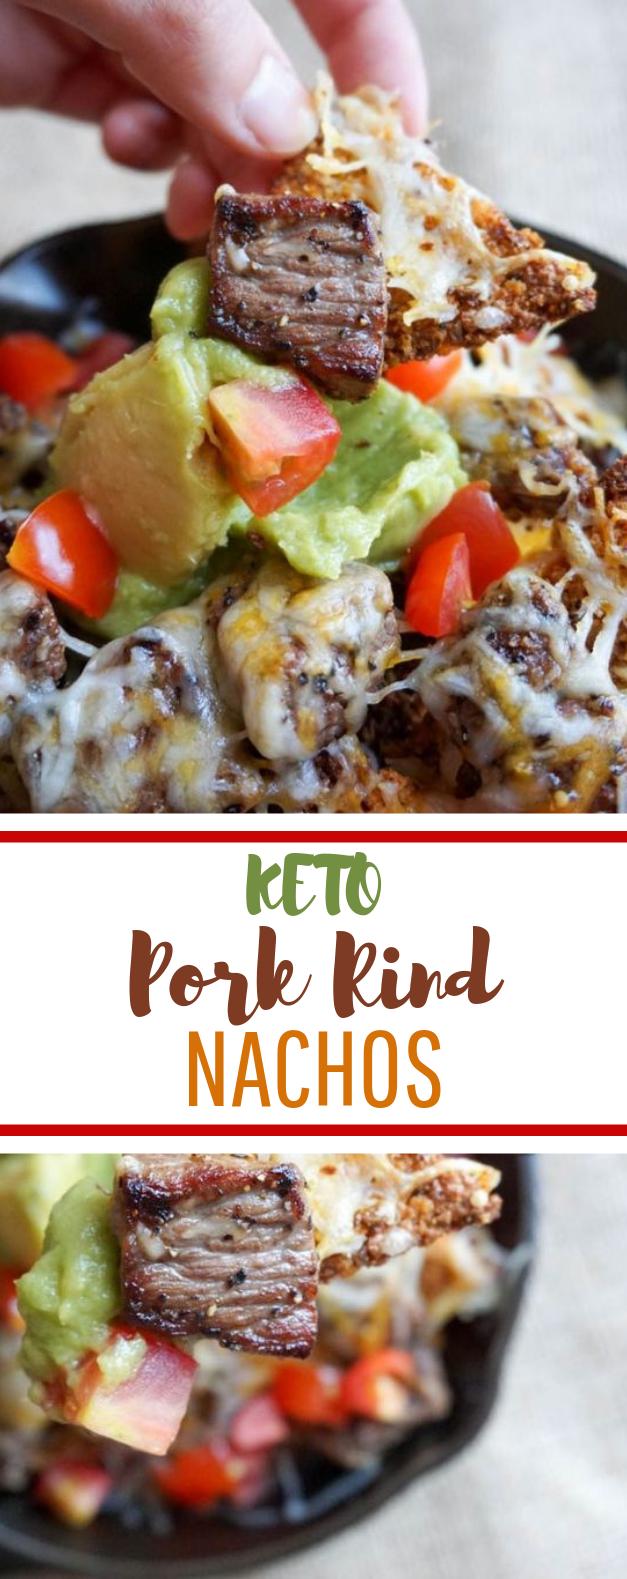 Pork Rind Nachos #keto #diet